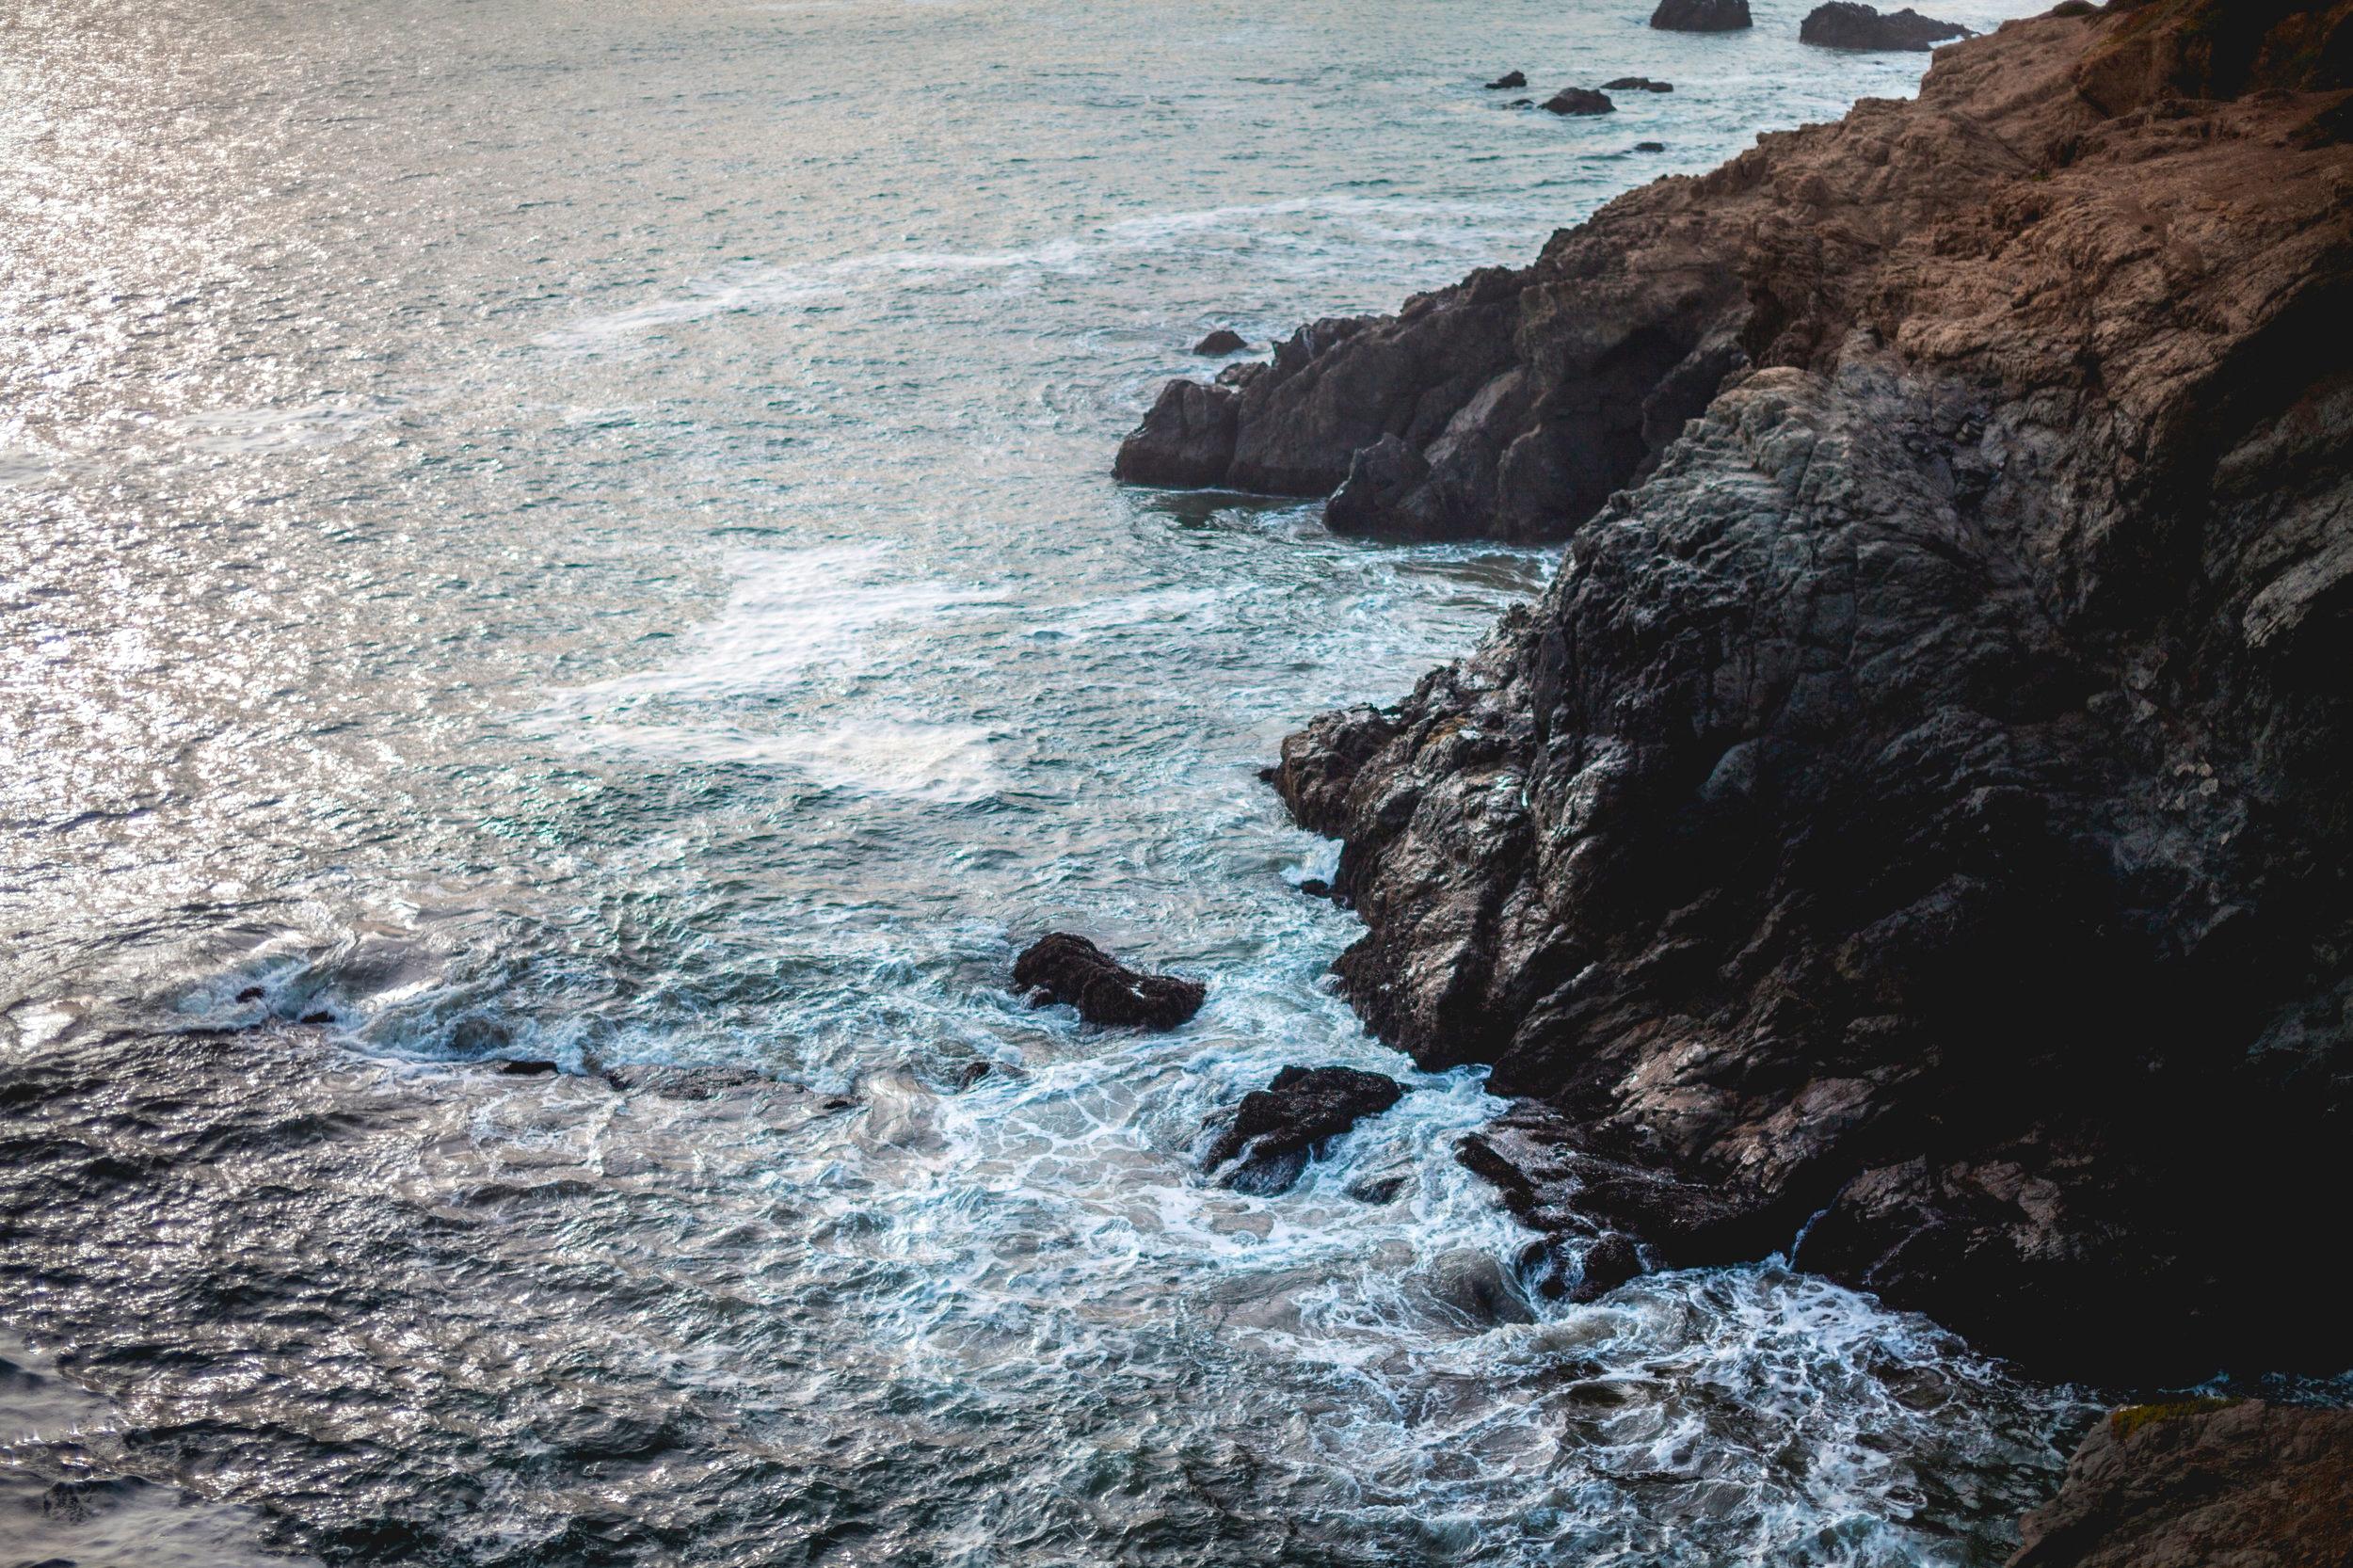 Les embruns marins - L'odeur des embruns, de l'air pur au dessus de l'océan à Piriac-Sur-Mer, en Bretagne. Pour Marion, c'est une odeur très ressourçante, qui rebooste !Cette fine pluie que projette la vague en s'écrasant est très chargée en notes iodées. Pour la composition d'un parfum marin, les parfumeurs ont à disposition plusieurs matières premières dont la calone, qui rappelle le plus l'odeur des embruns ; cet air iodé qui nous enveloppe et que l'on garde sur nous en rentrant d'une journée à la mer. La calone ainsi que les dizaines d'autres matières premières rappelant l'odeur de la mer sont synthétiques et n'existent donc pas dans la nature. Seule l'absolue d'algue est naturelle mais ne retranscrit pas cette notion de légèreté aquatique…